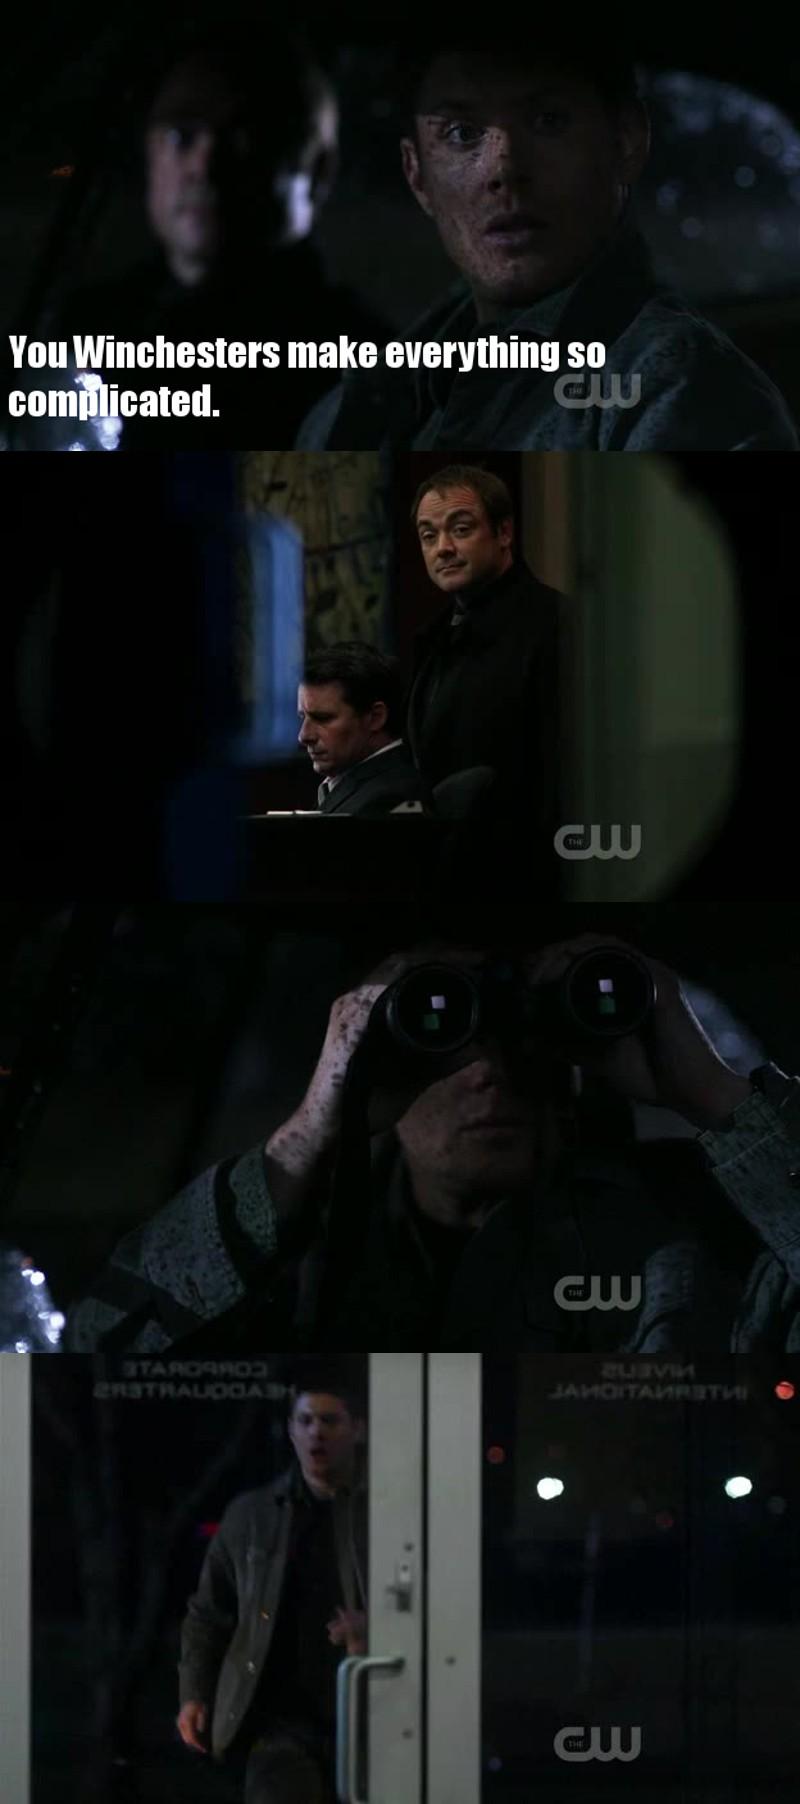 Love Crowley 😂❤